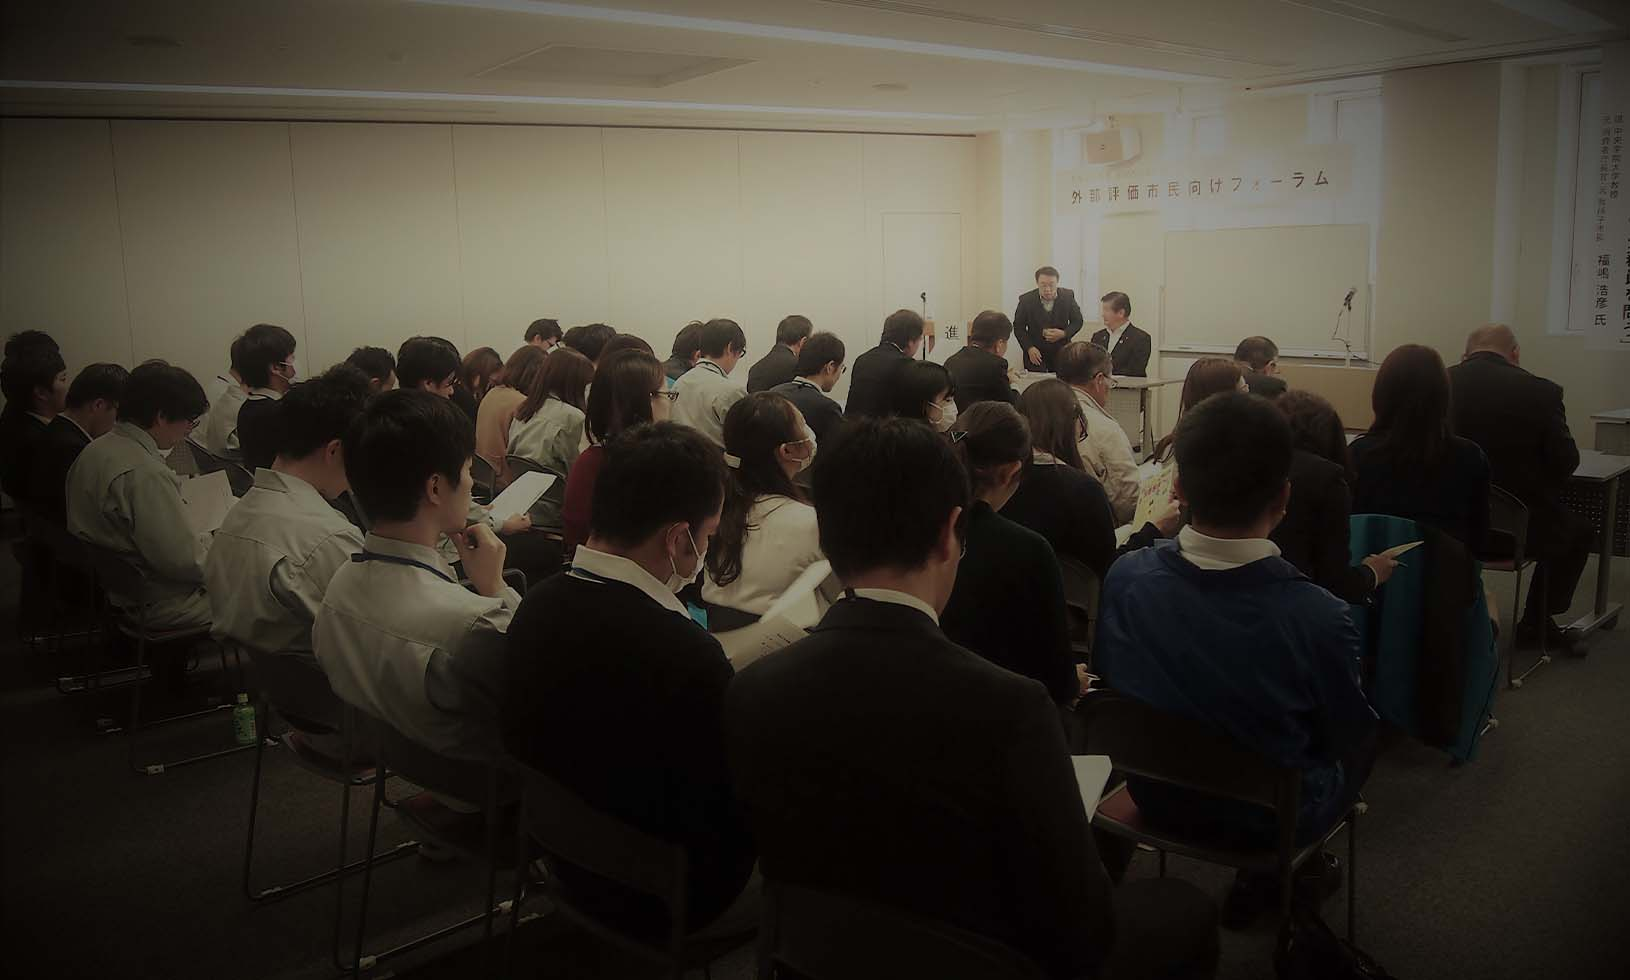 一般社団法人 構想日本